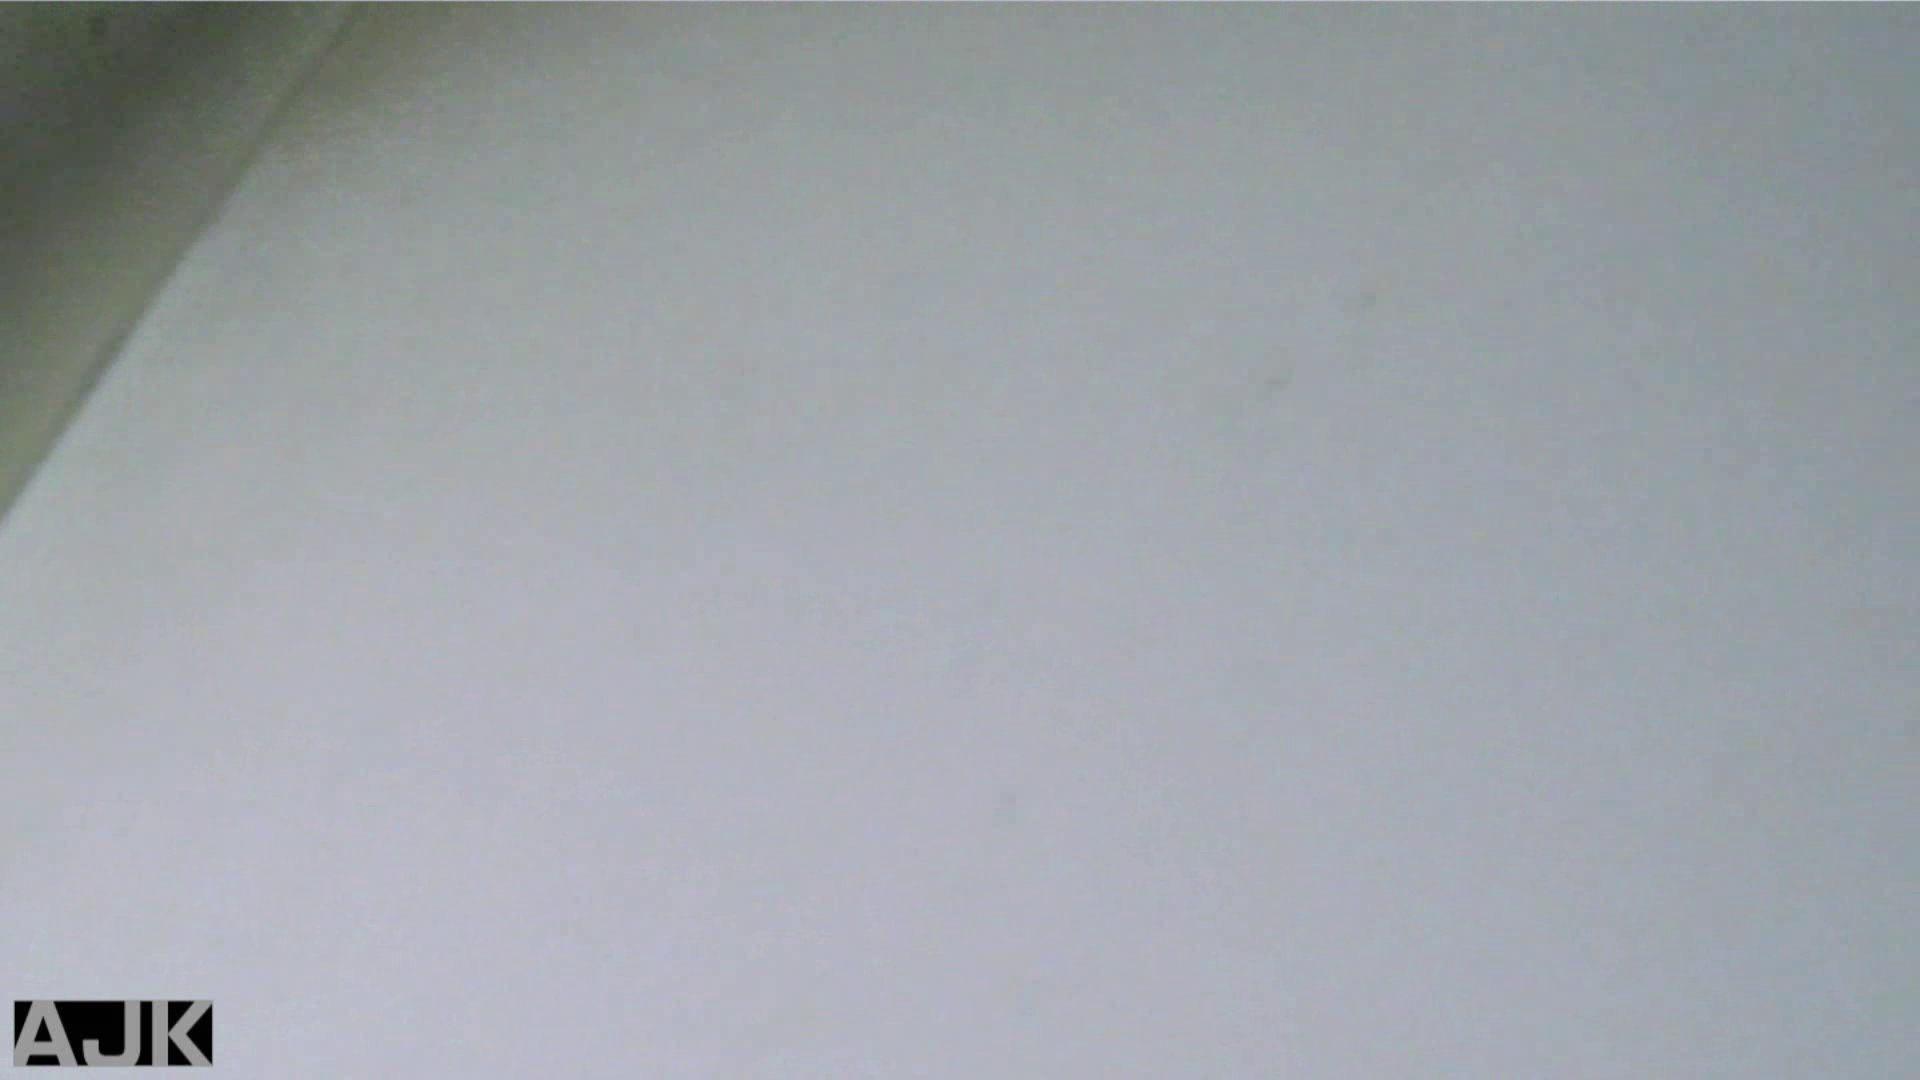 隣国上階級エリアの令嬢たちが集うデパートお手洗い Vol.03 おまんこ  104PIX 76